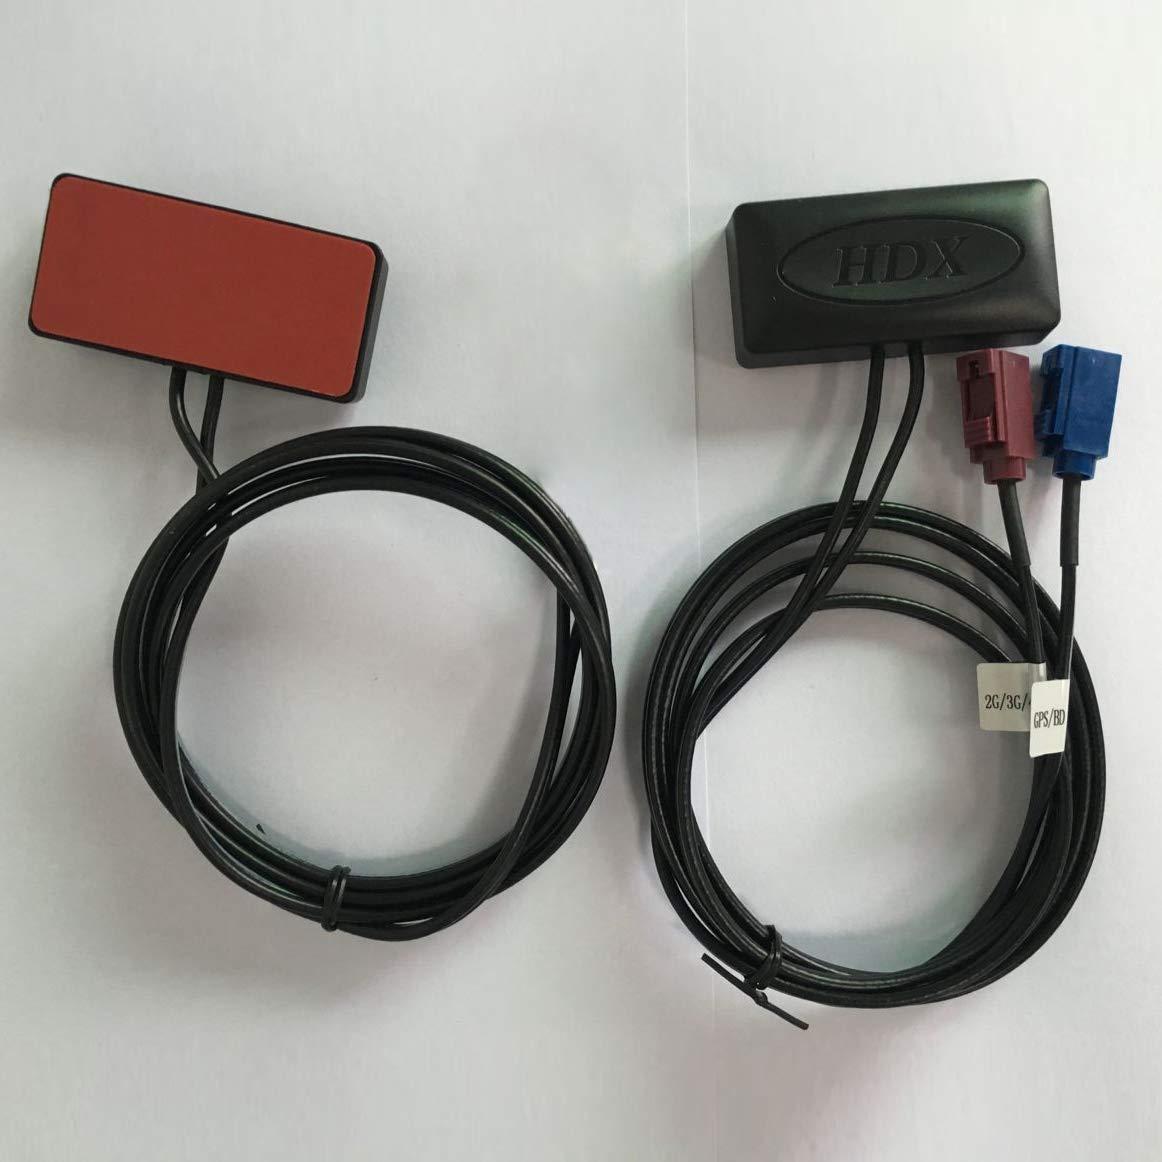 CUHAWUDBA Gprs Interfaz Dual De GPS//BD gsm para Antena Triple 4G Transmitida por Veh/ículo